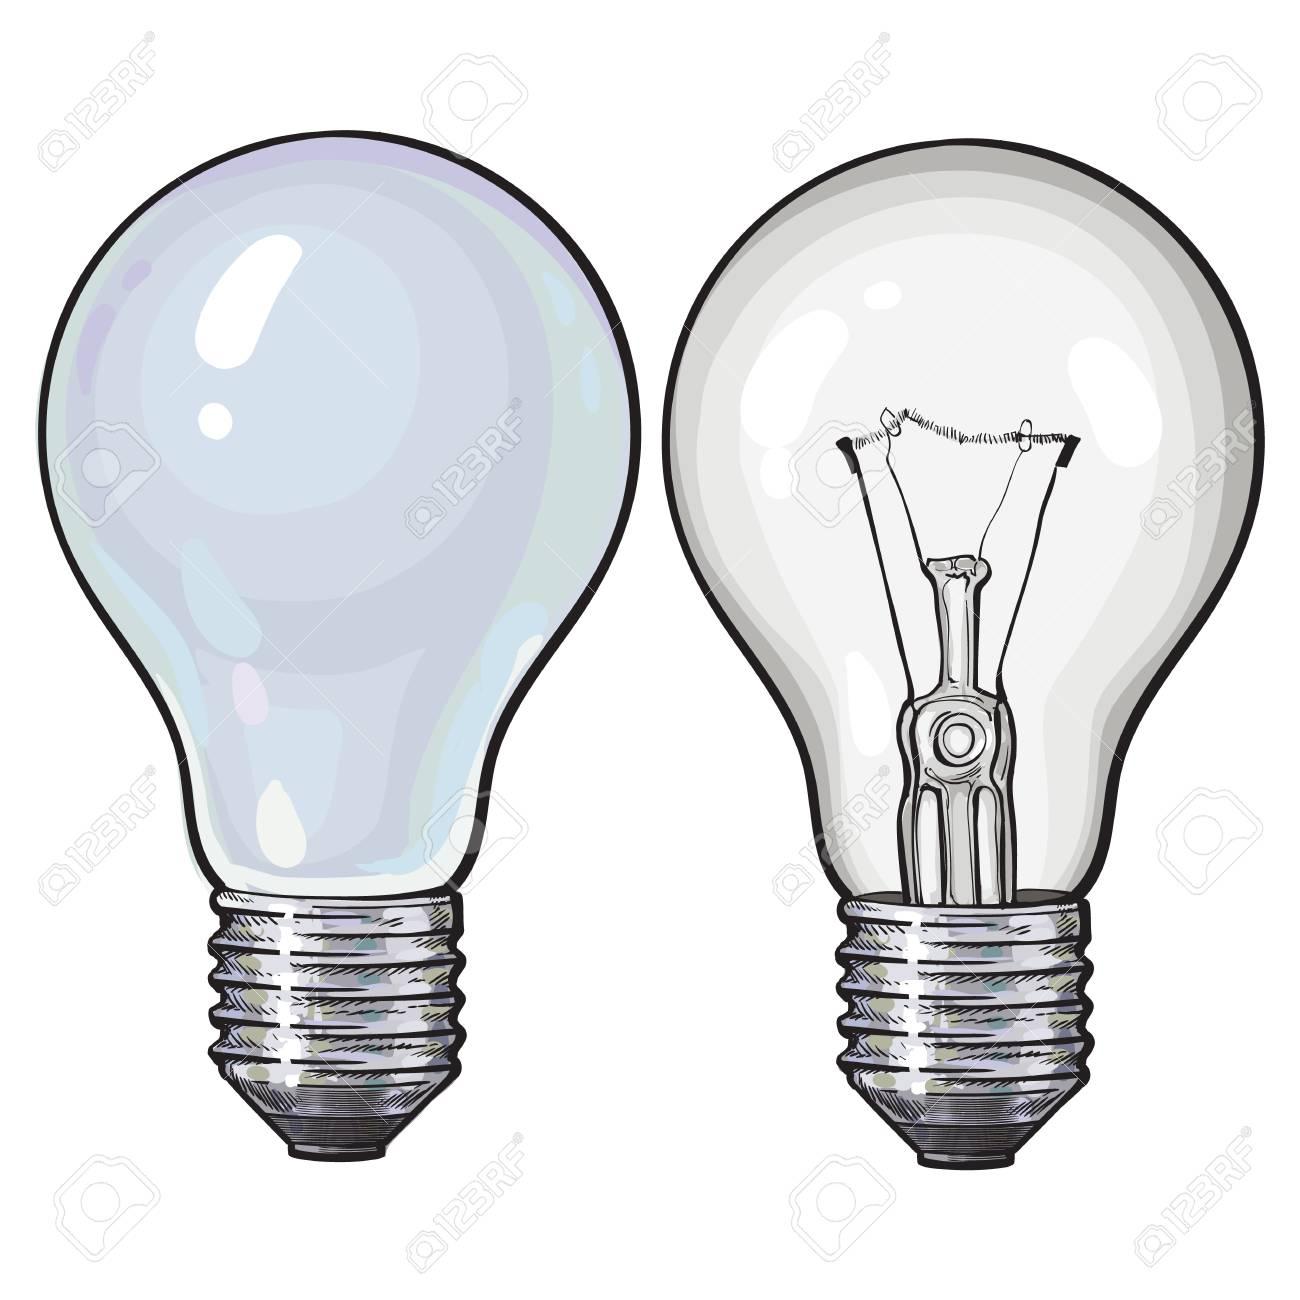 Ampoule Dessin fluorescent moderne, économie d'énergie et ampoule tangsten